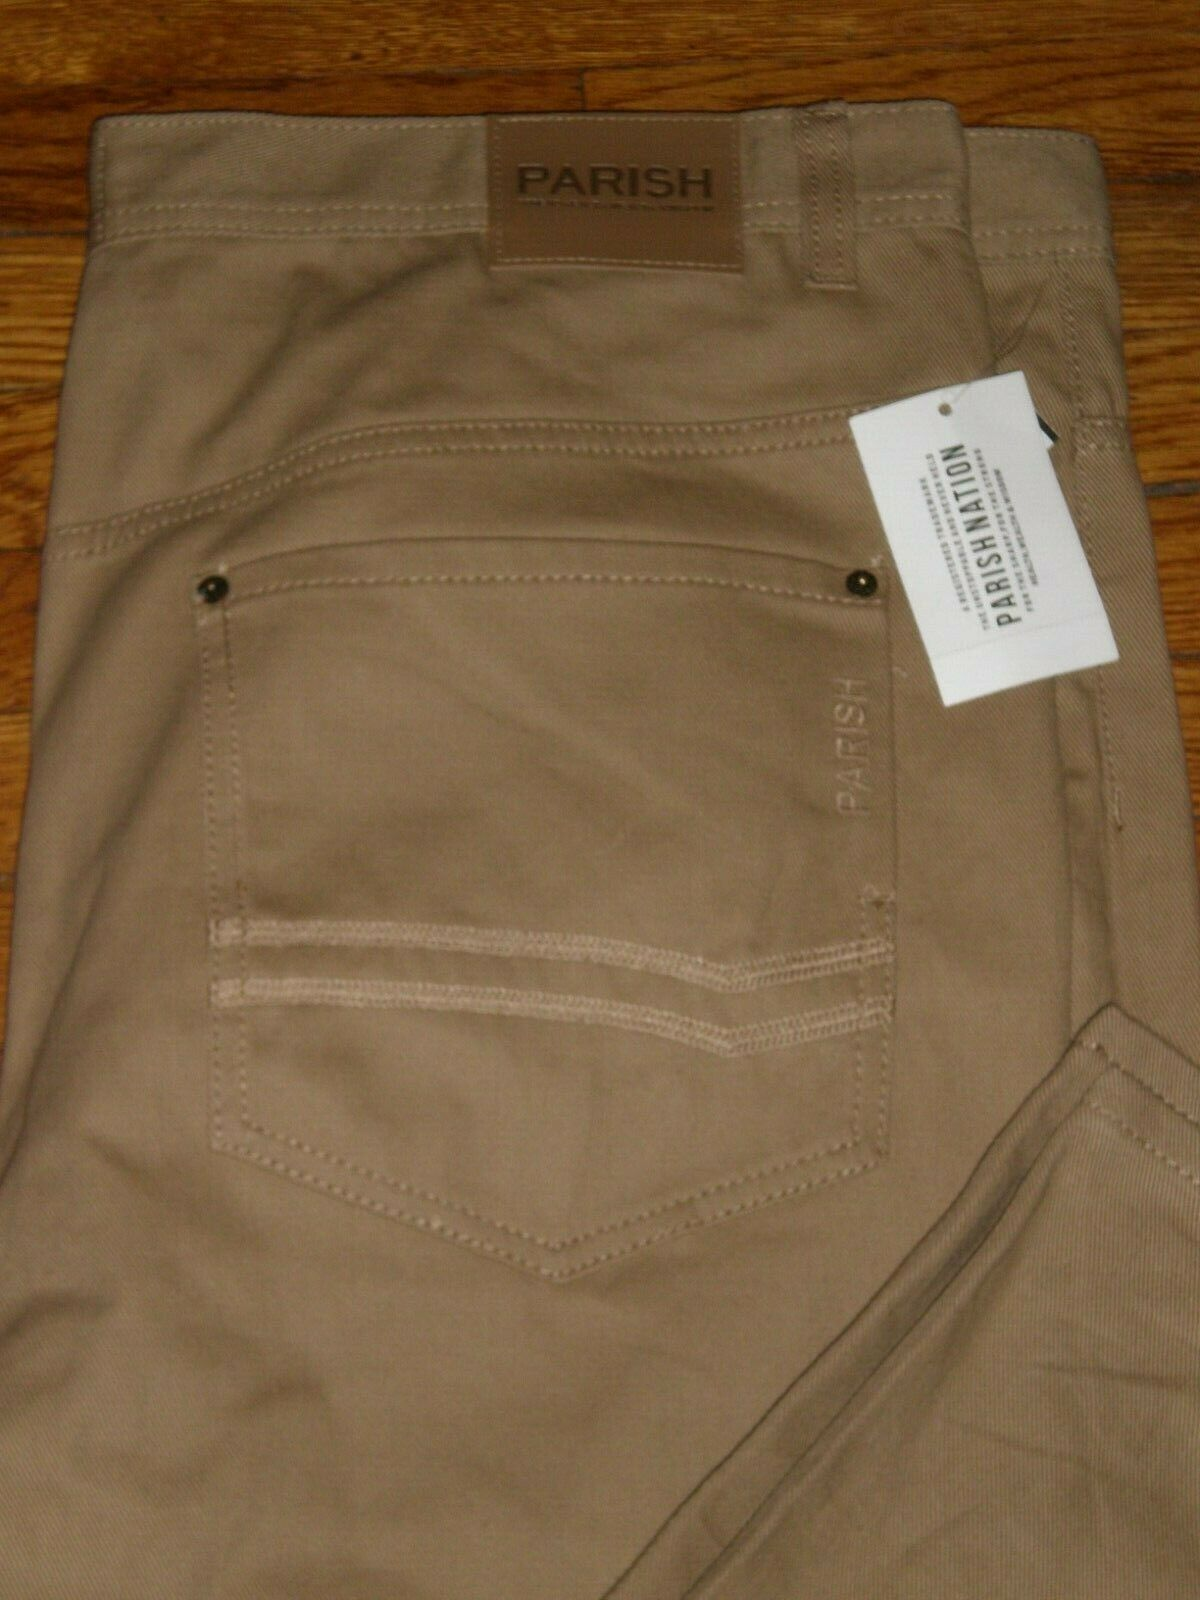 NWT PARISH NATION KHAKI Twill Casual Pants SZ  46 X 32